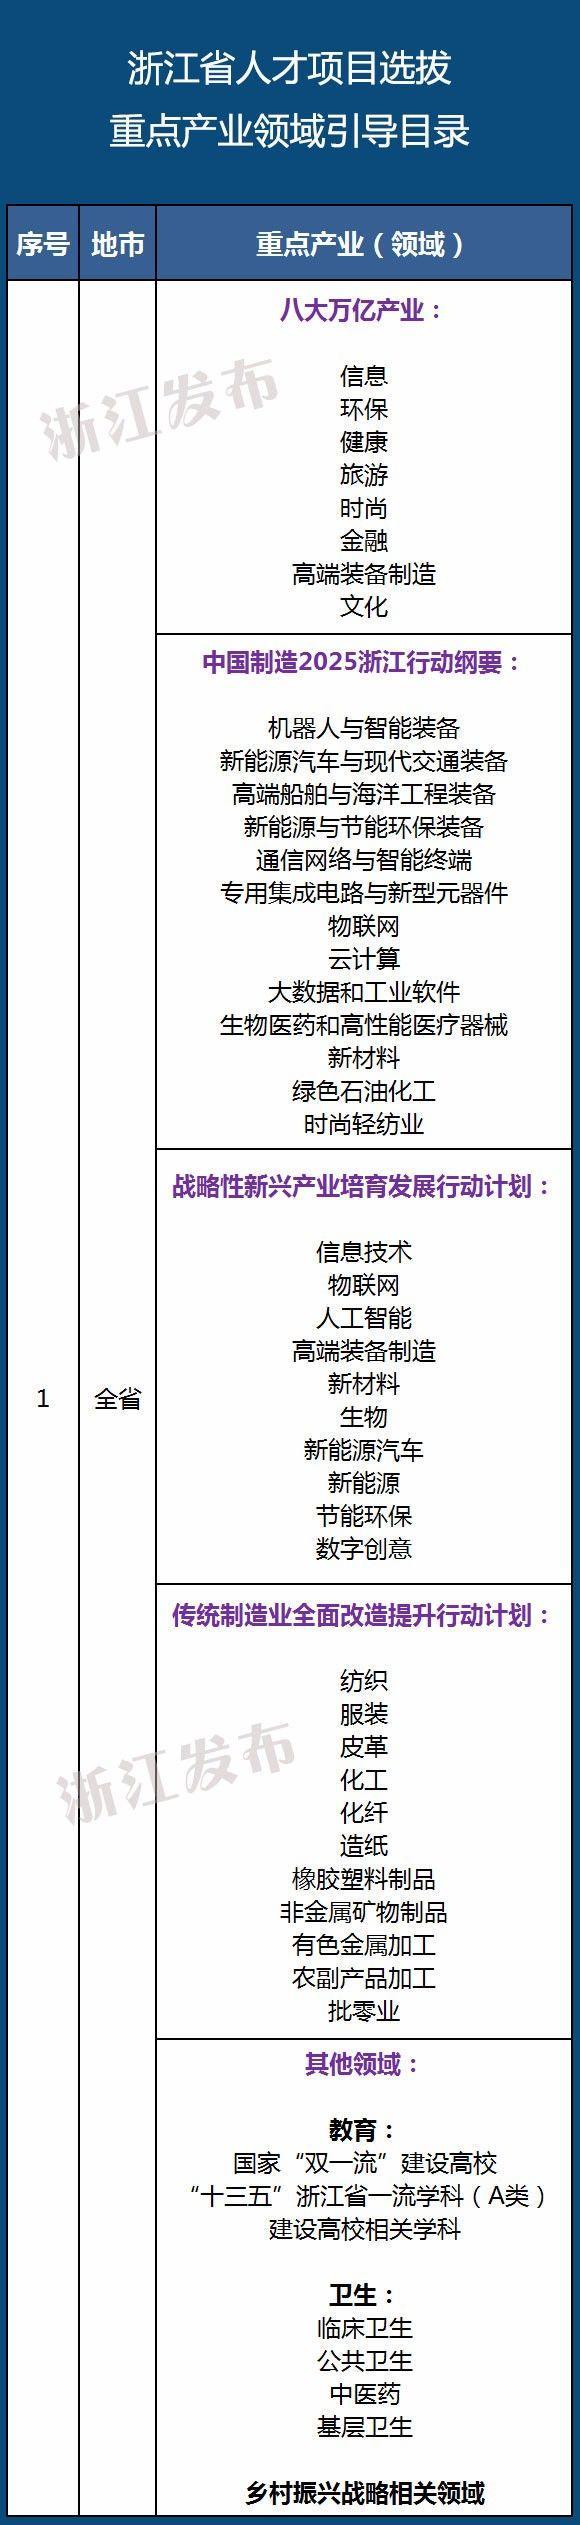 幸运飞艇直播视频:浙江将在哪些产业领域强化人才项目选拔?这份目录给出导向